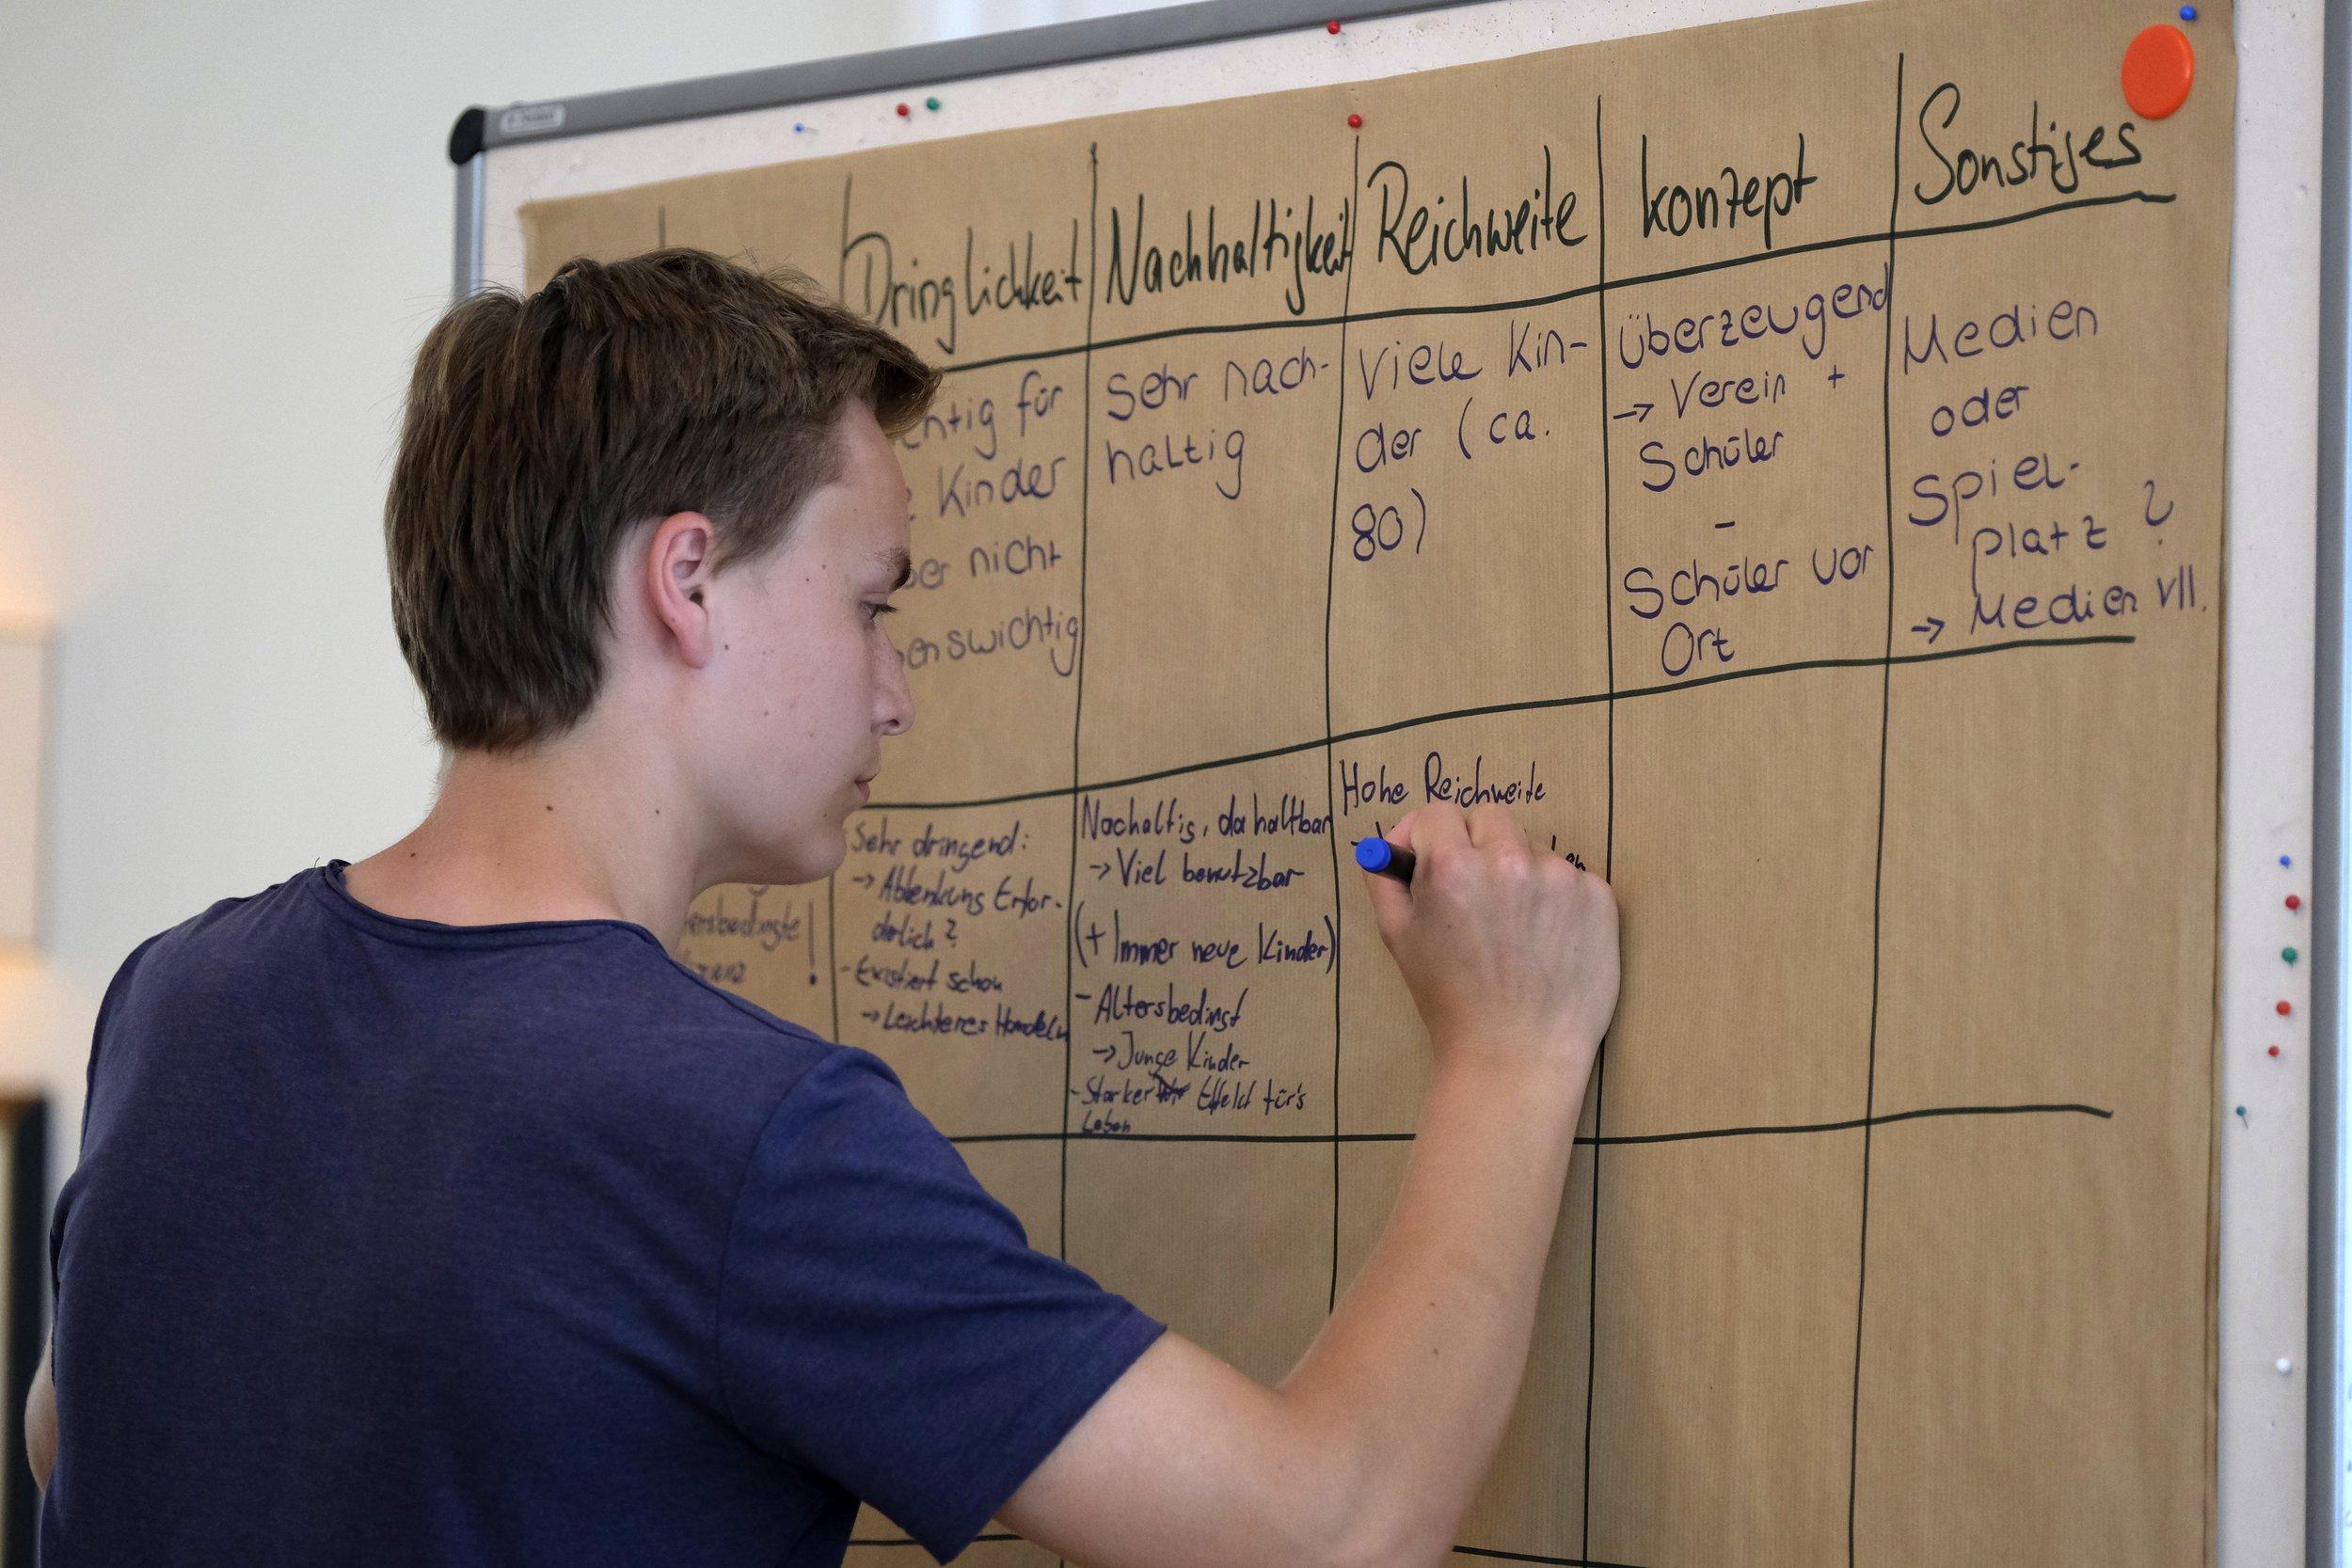 Bild vom CHILDREN Kinderbeirat (Partizipation): Ein Junge bewertet einen Förderantrag